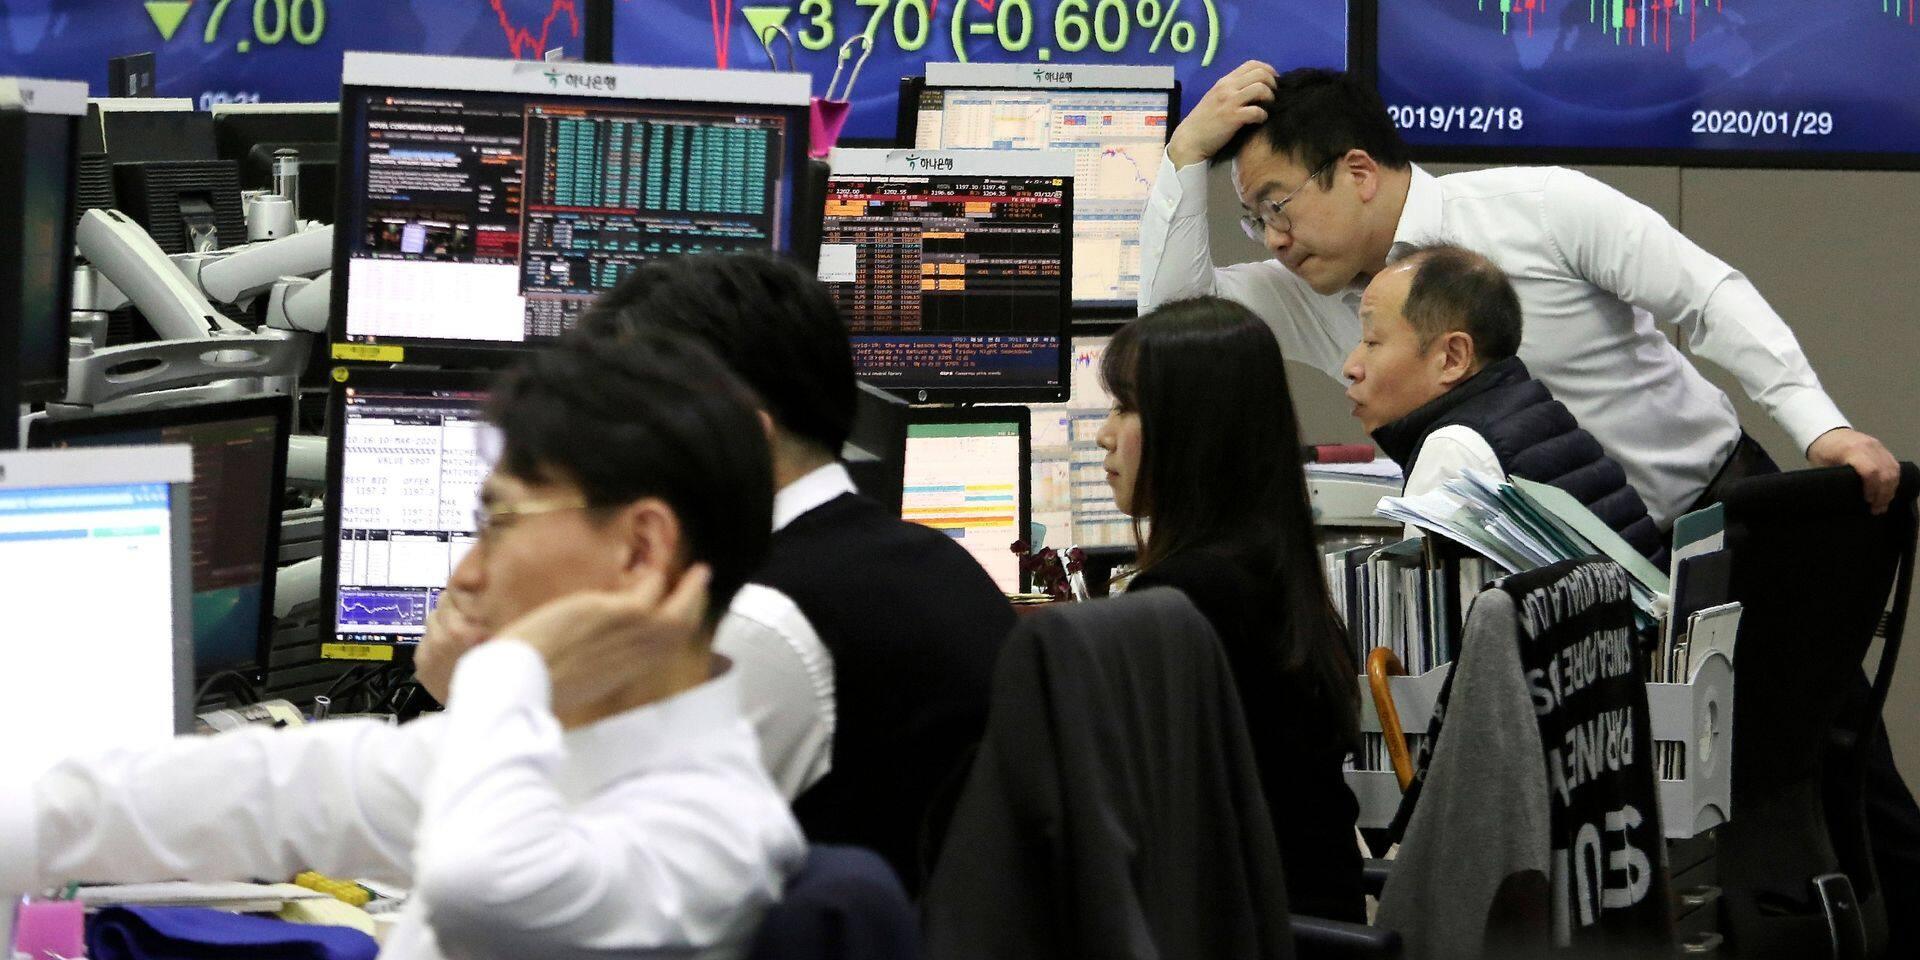 Les Bourses asiatiques limitent la casse, les cours du pétrole remontent